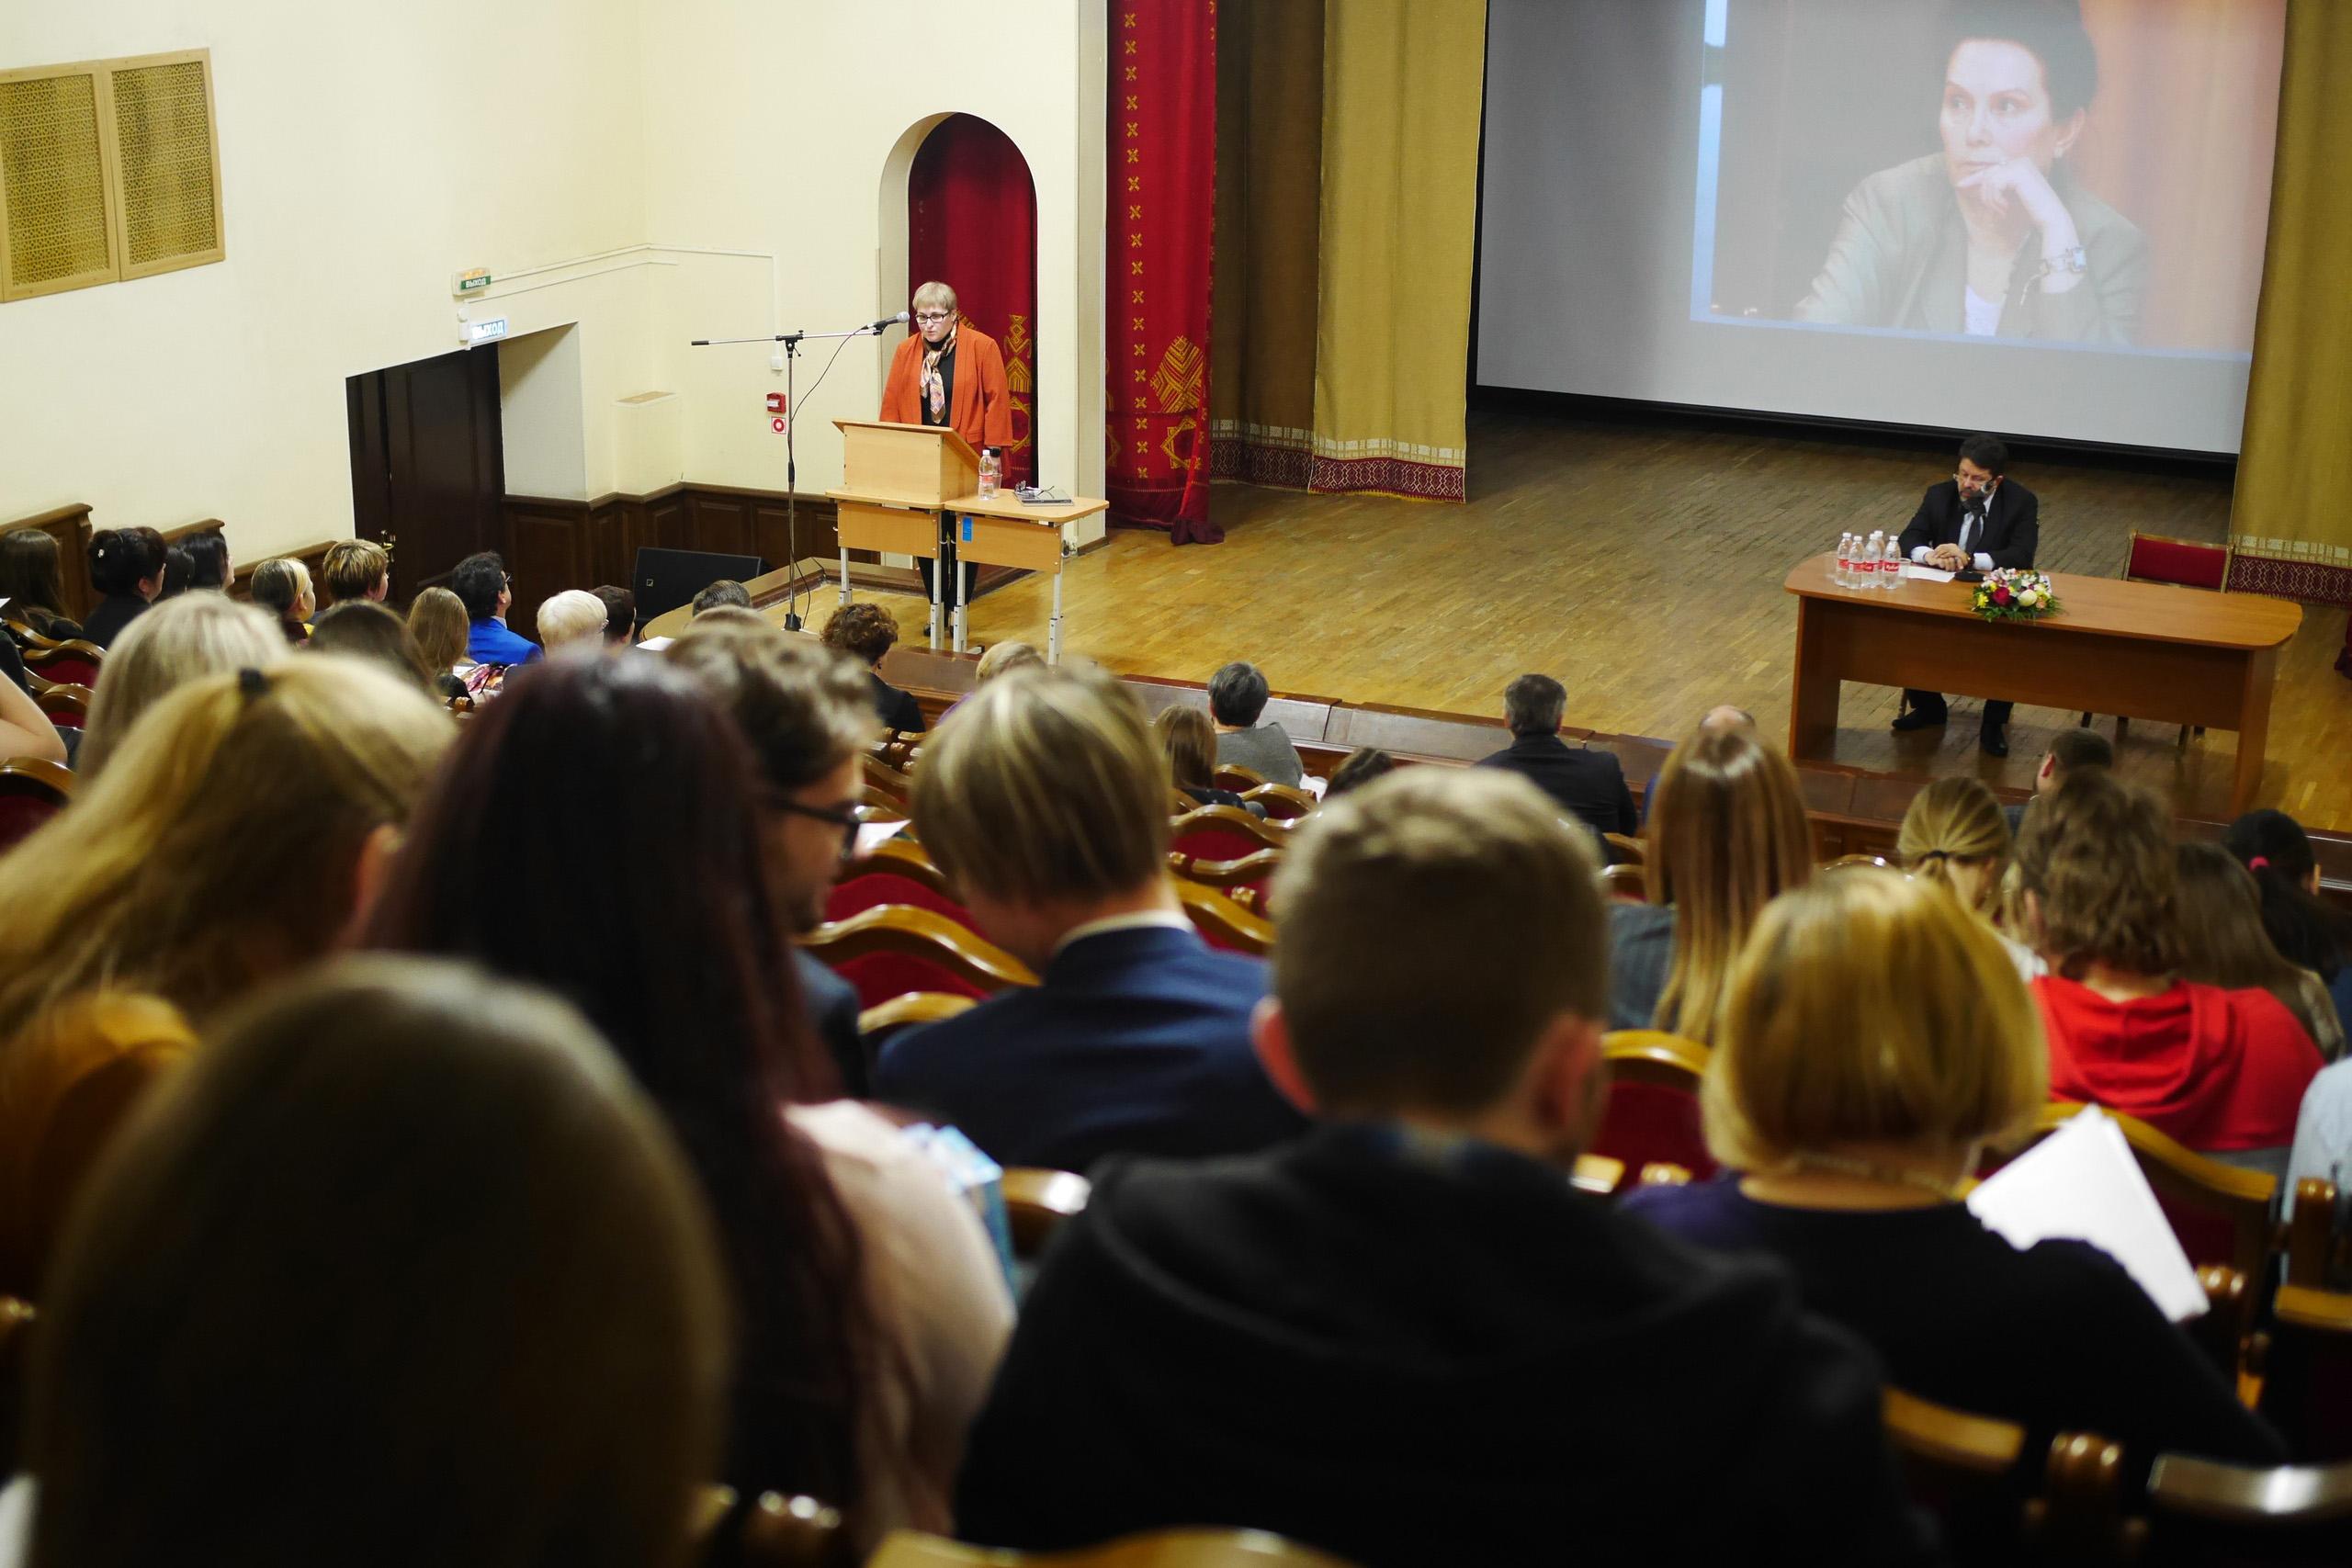 XXIV-nauchno-praktic-konferenciya-2019-1